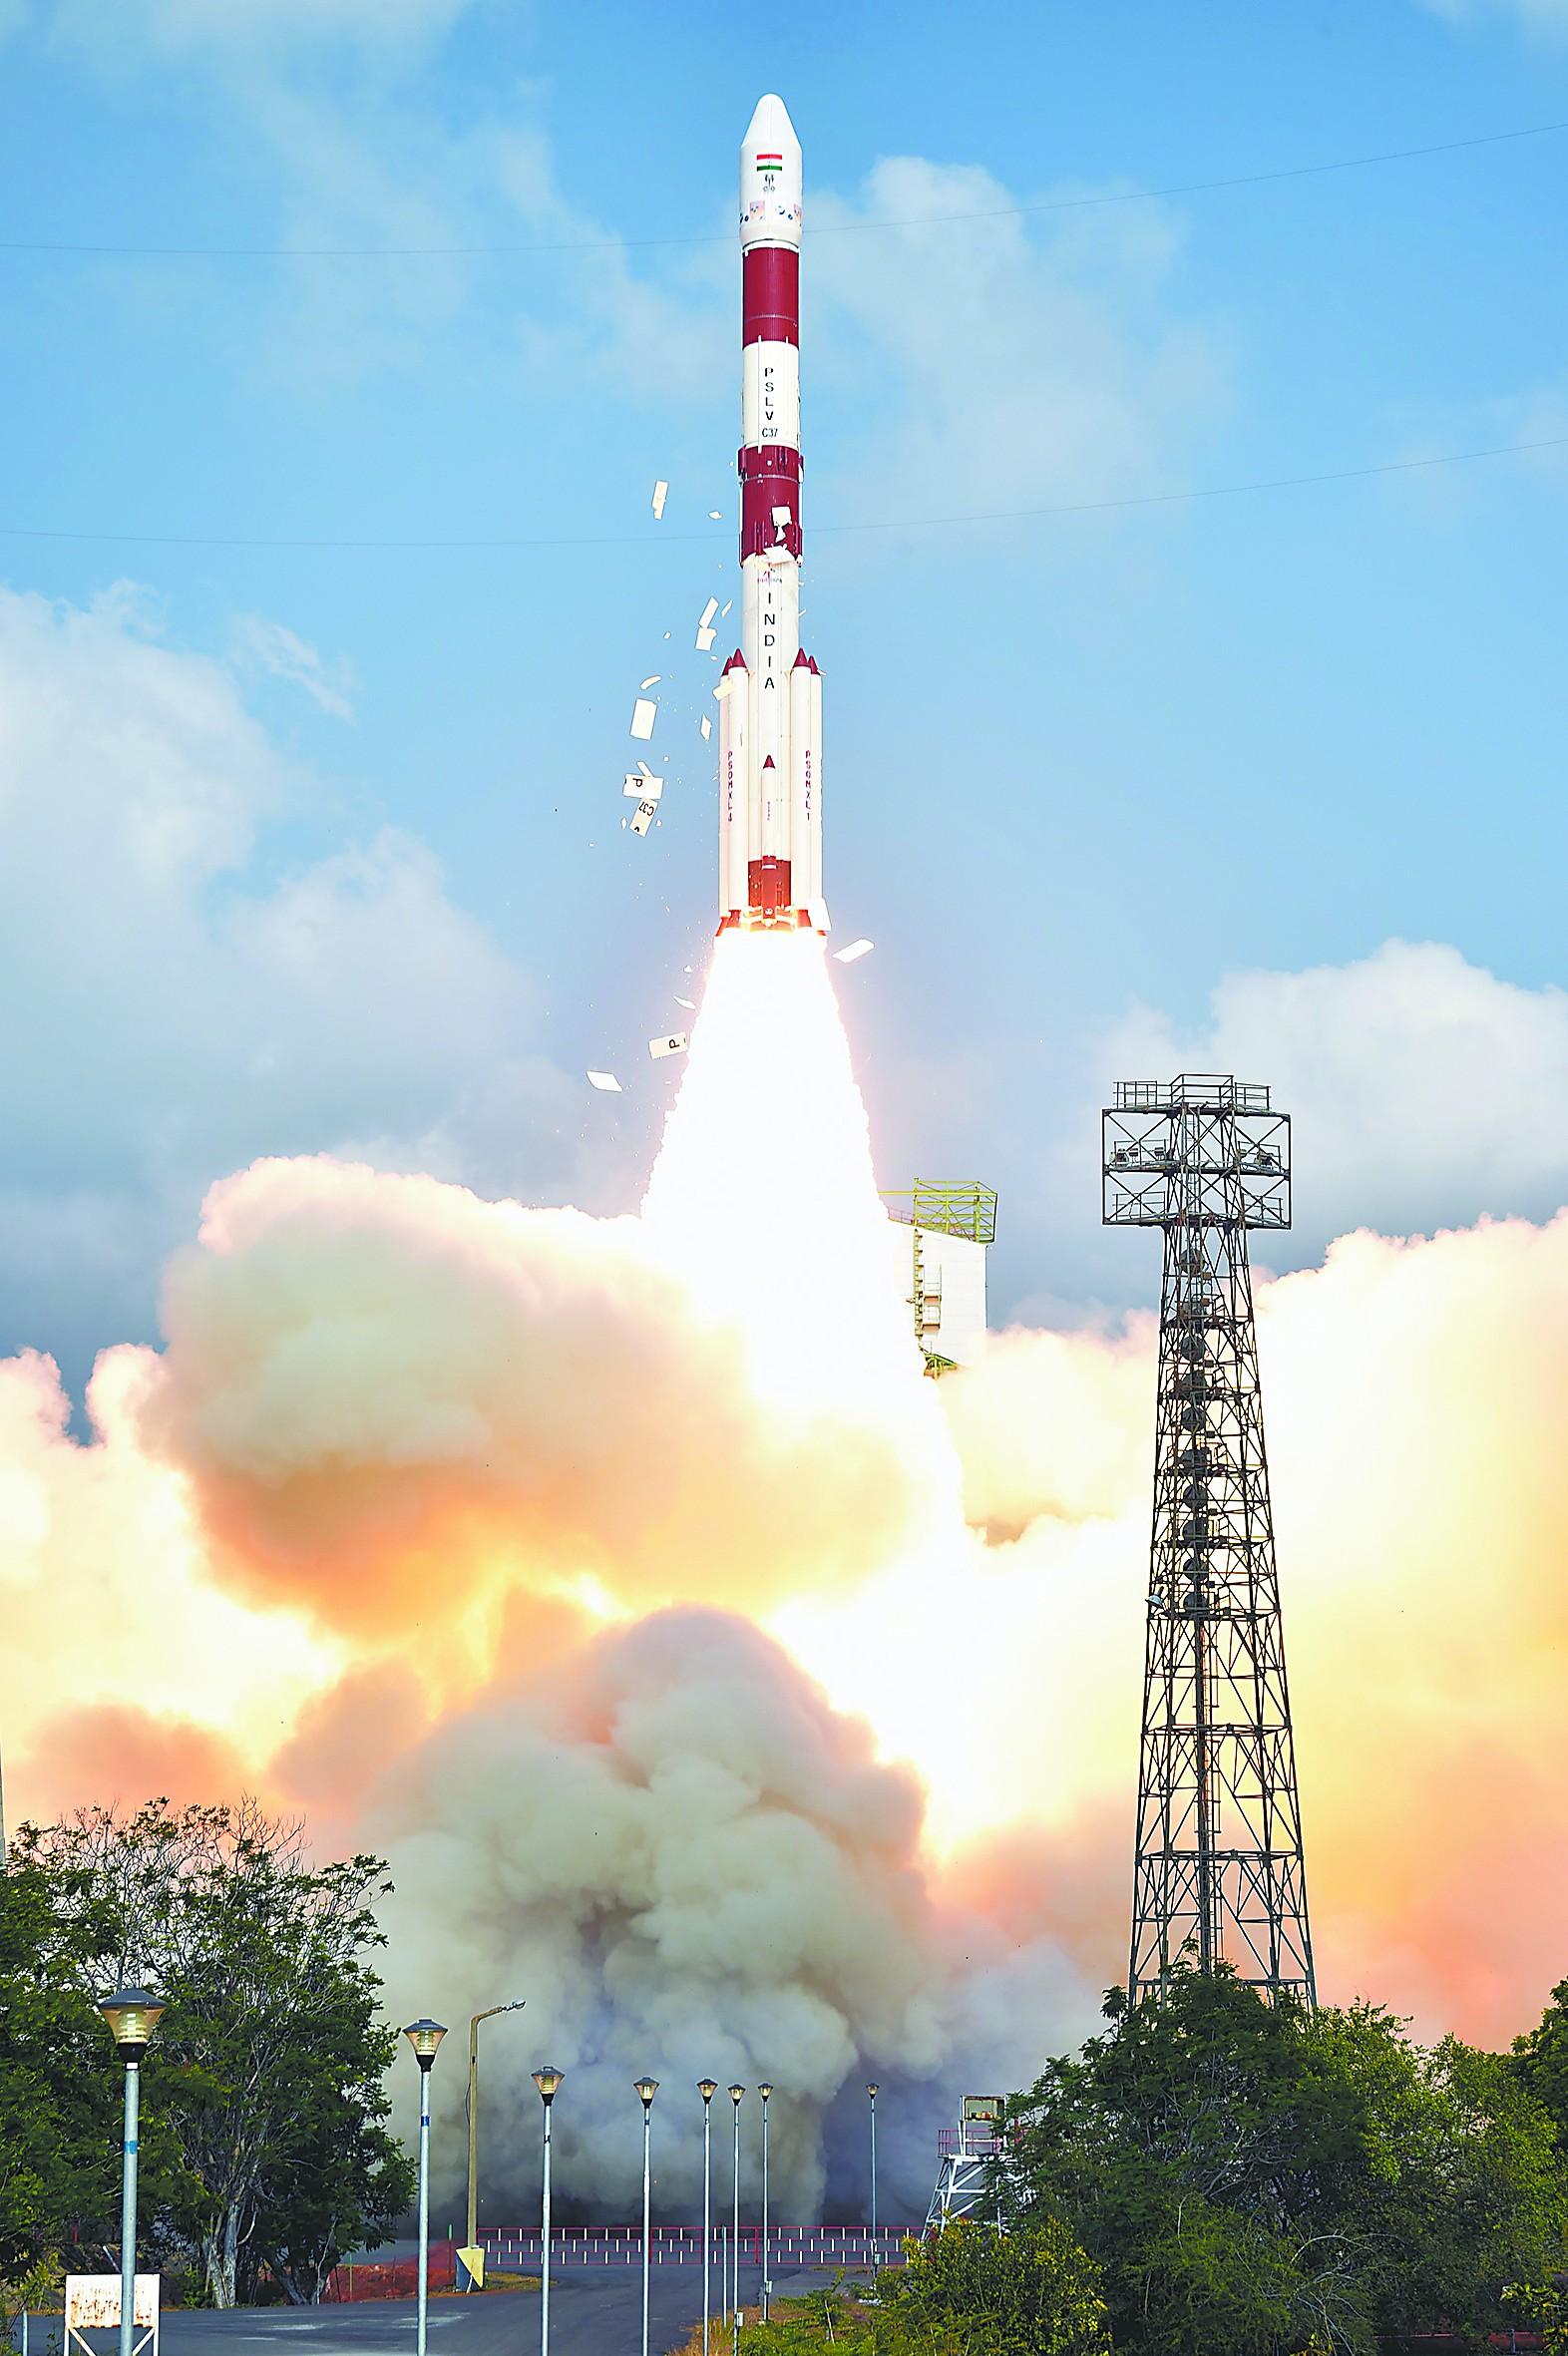 外媒:中国在太空跟美国竞争 技术比印强许多